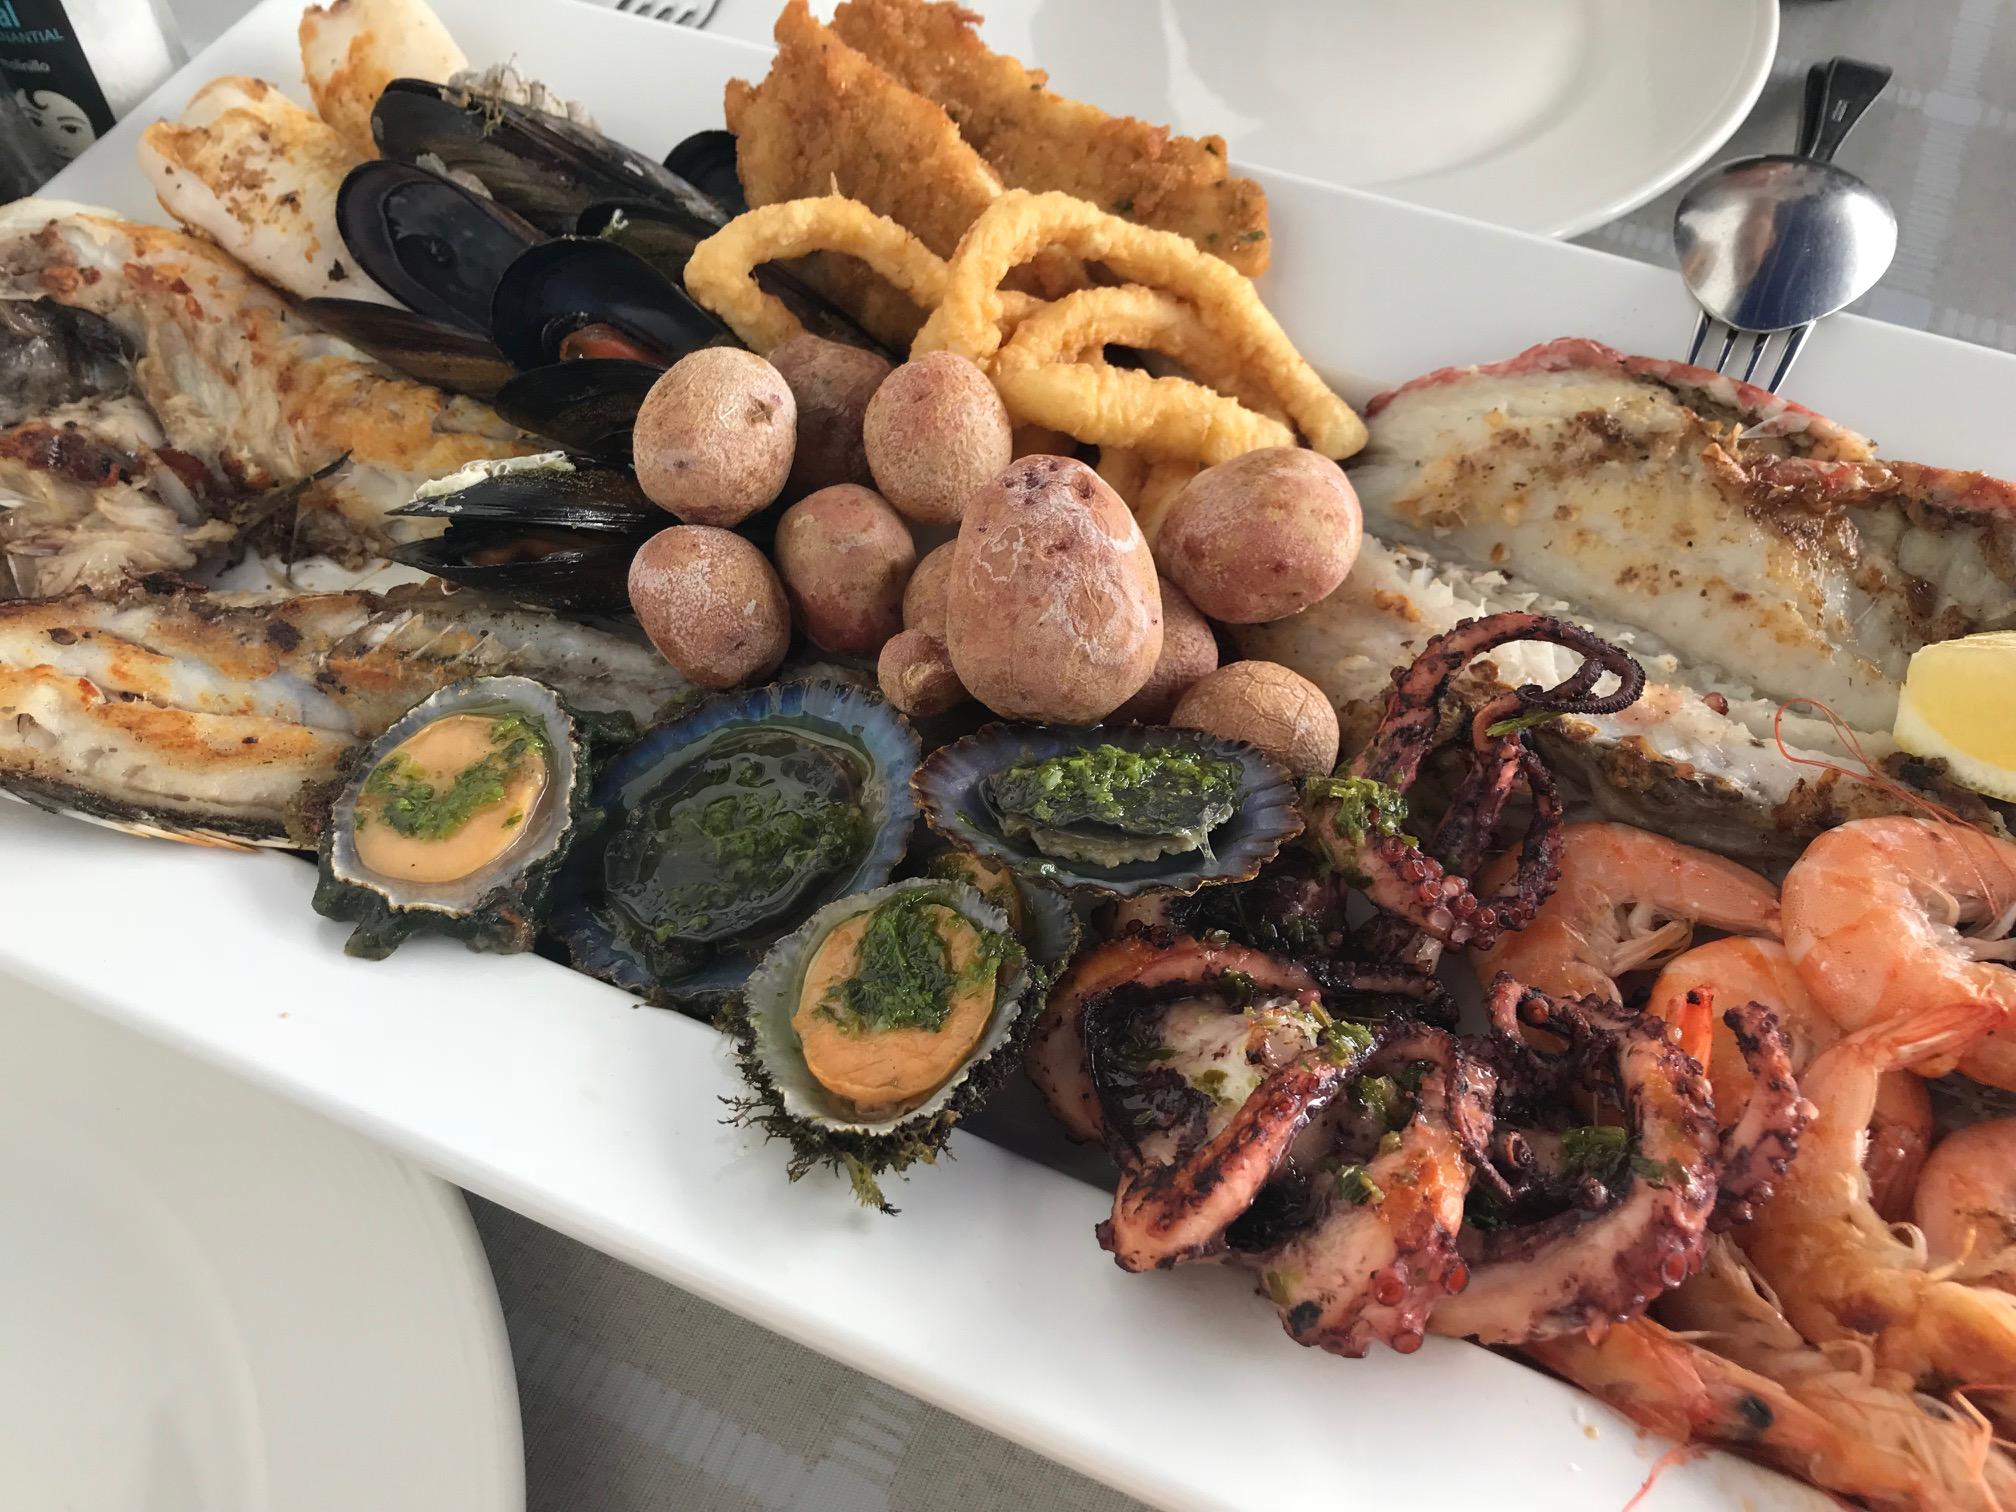 Mariscada de pescado y marisco